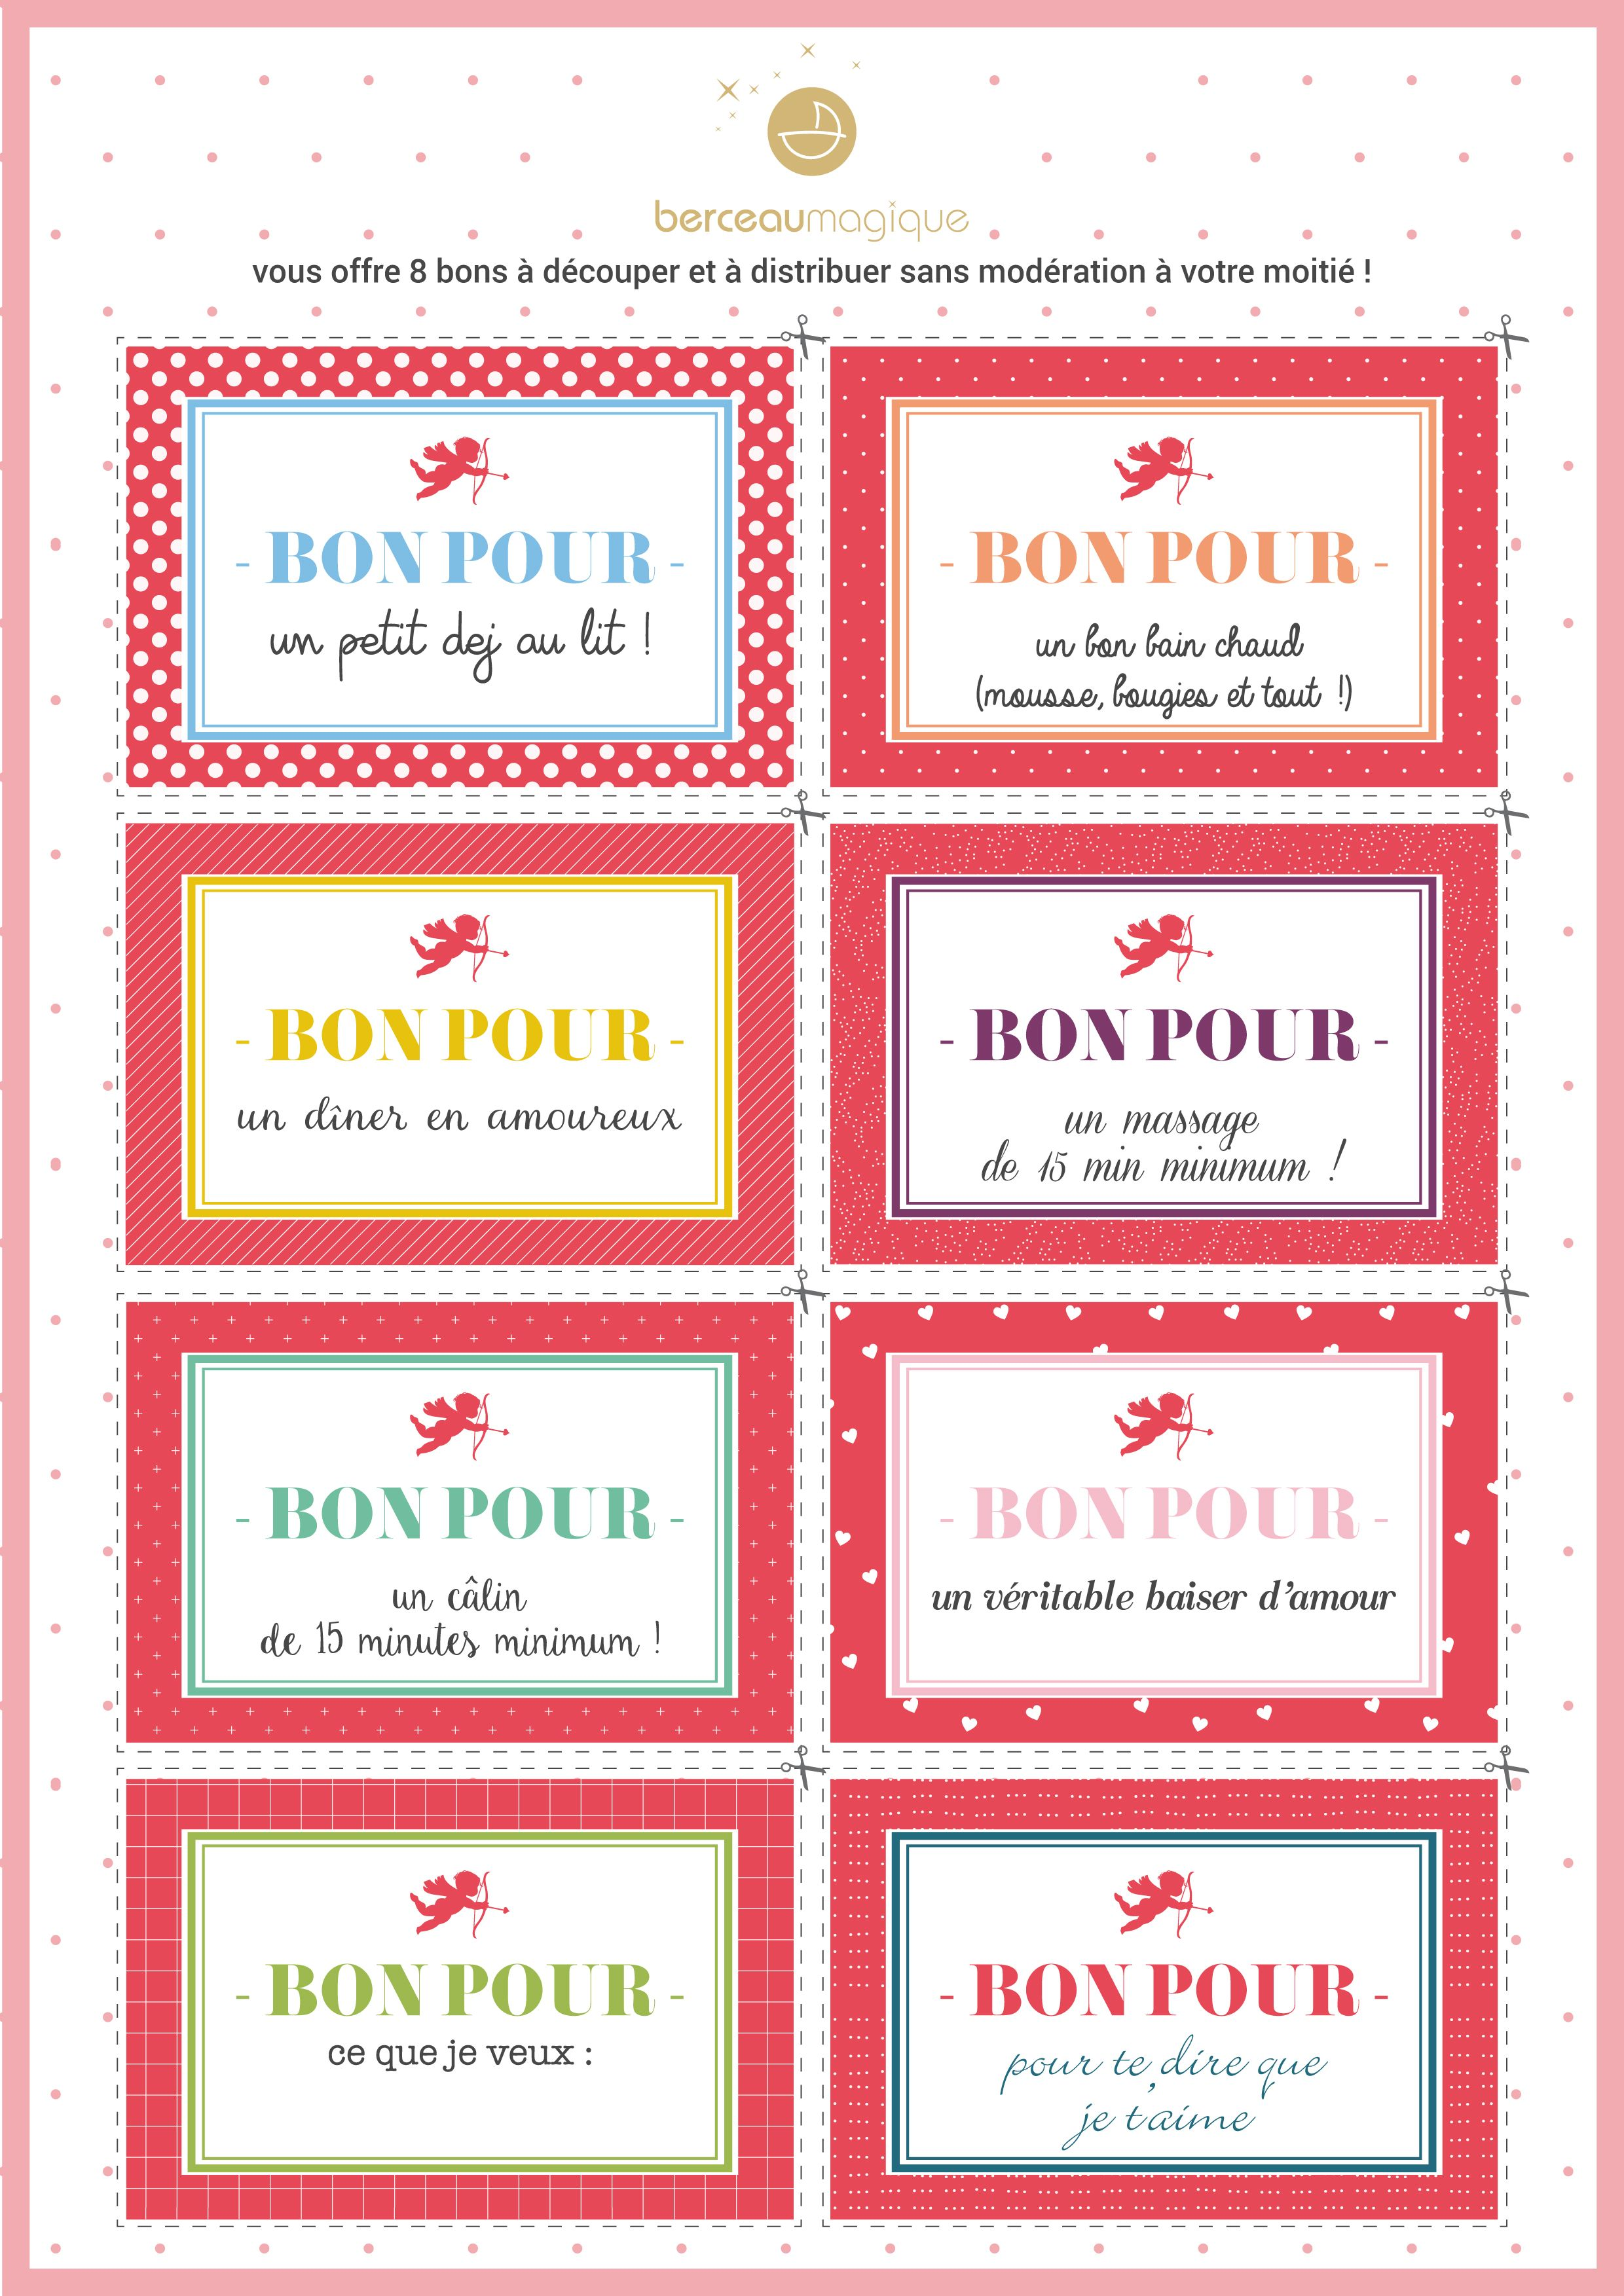 Des bons cadeaux pour la saint valentin berceau magique for Idees cadeaux homme st valentin